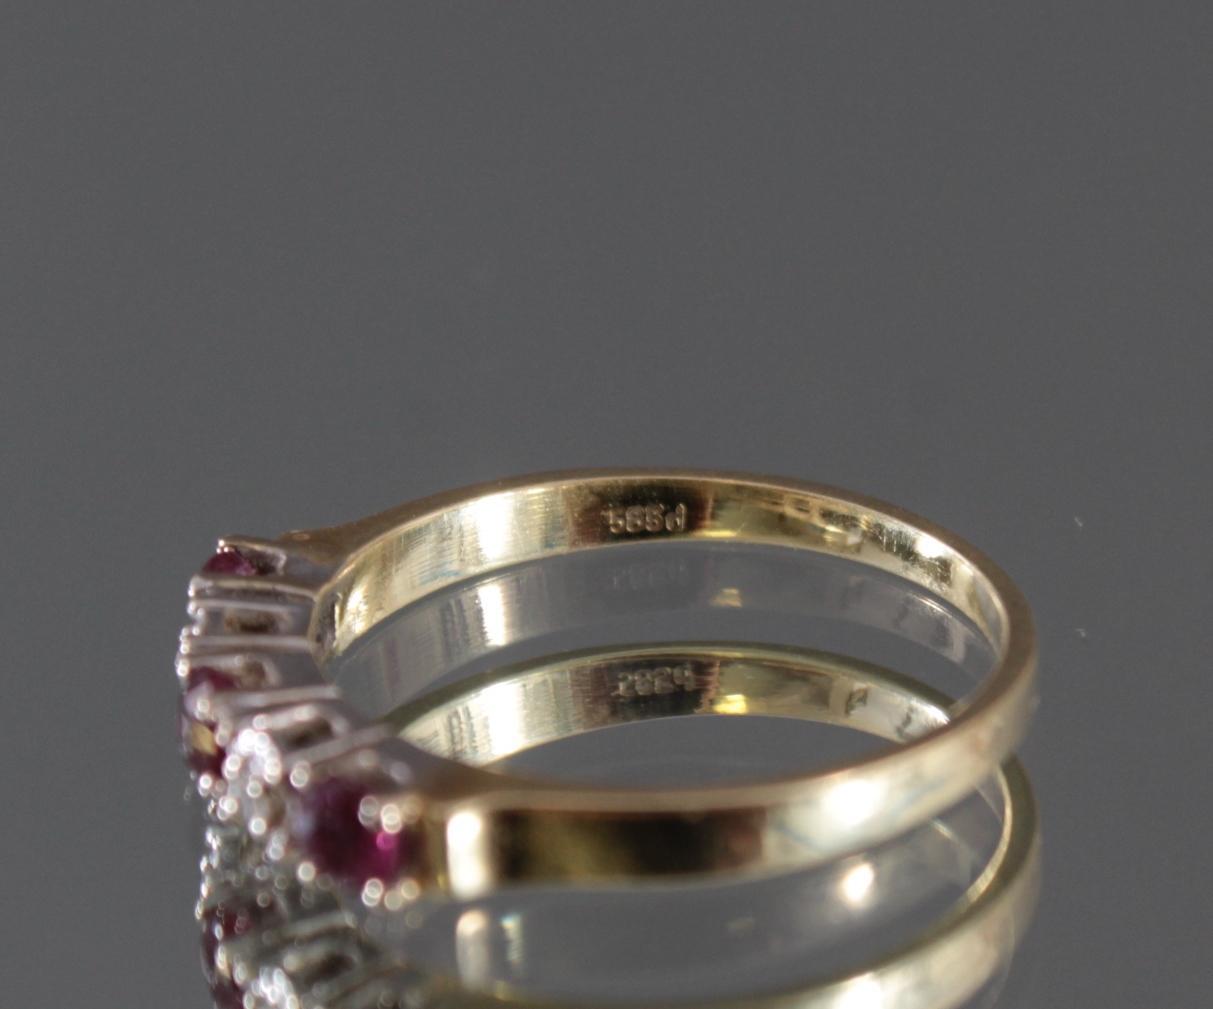 Damenring mit Rubinen und Diamanten, 14 Karat Gelbgold-4